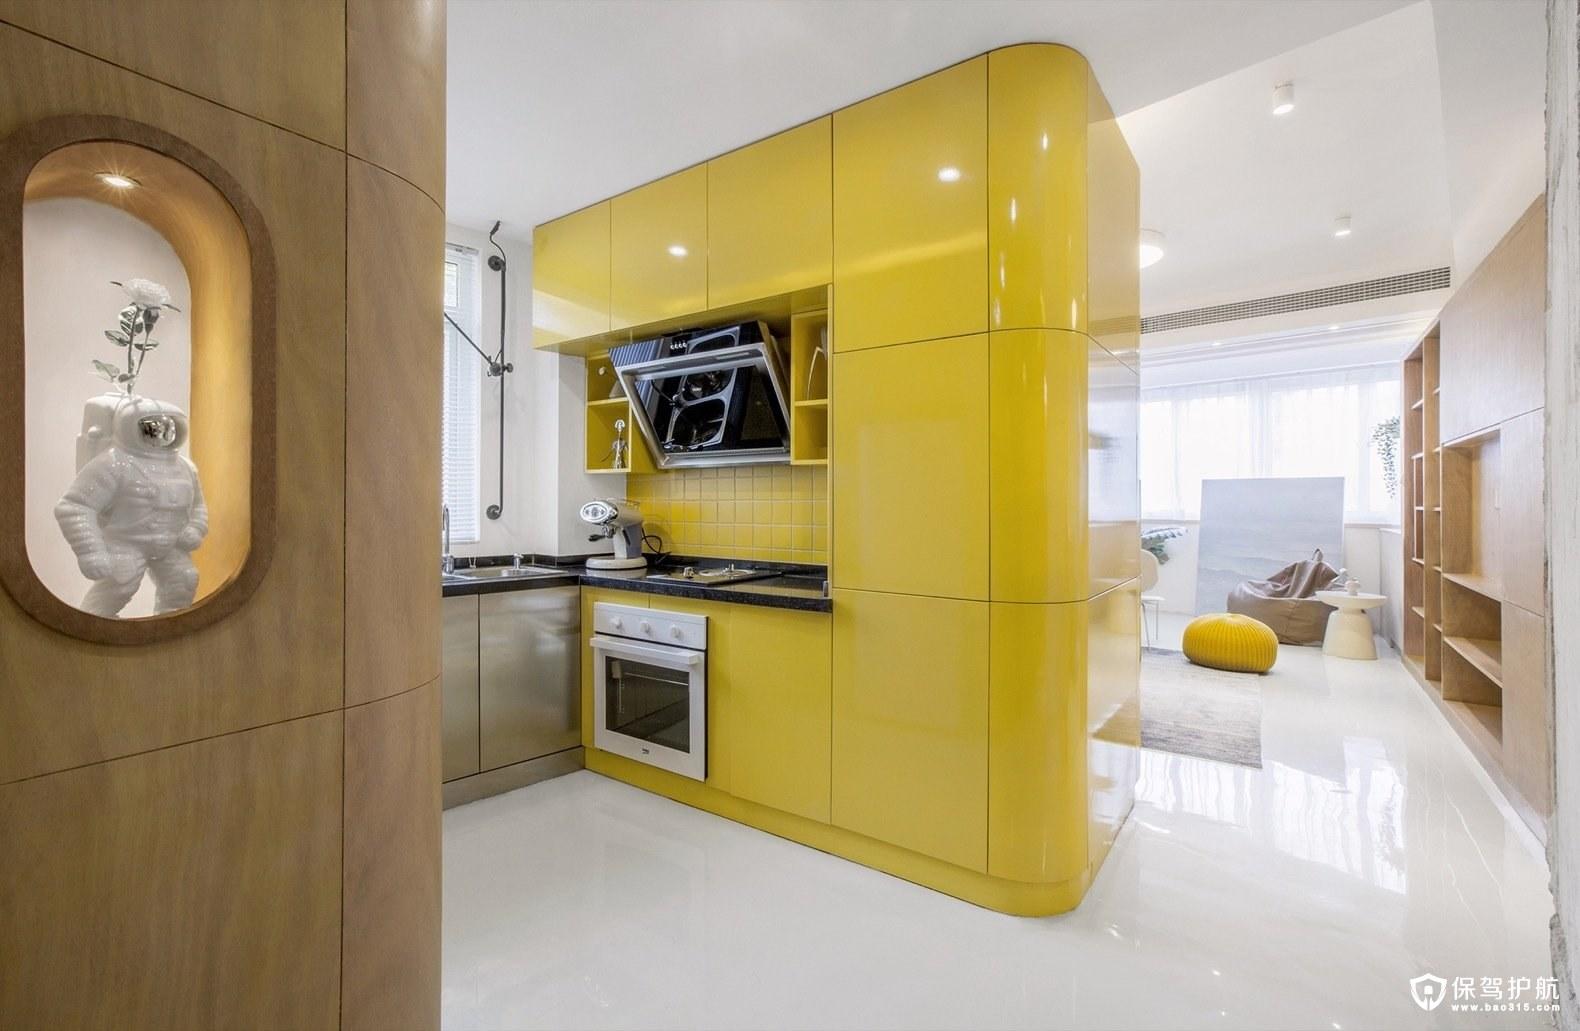 小公寓装修效果图,用旋转的方式巧妙地最大化了空间